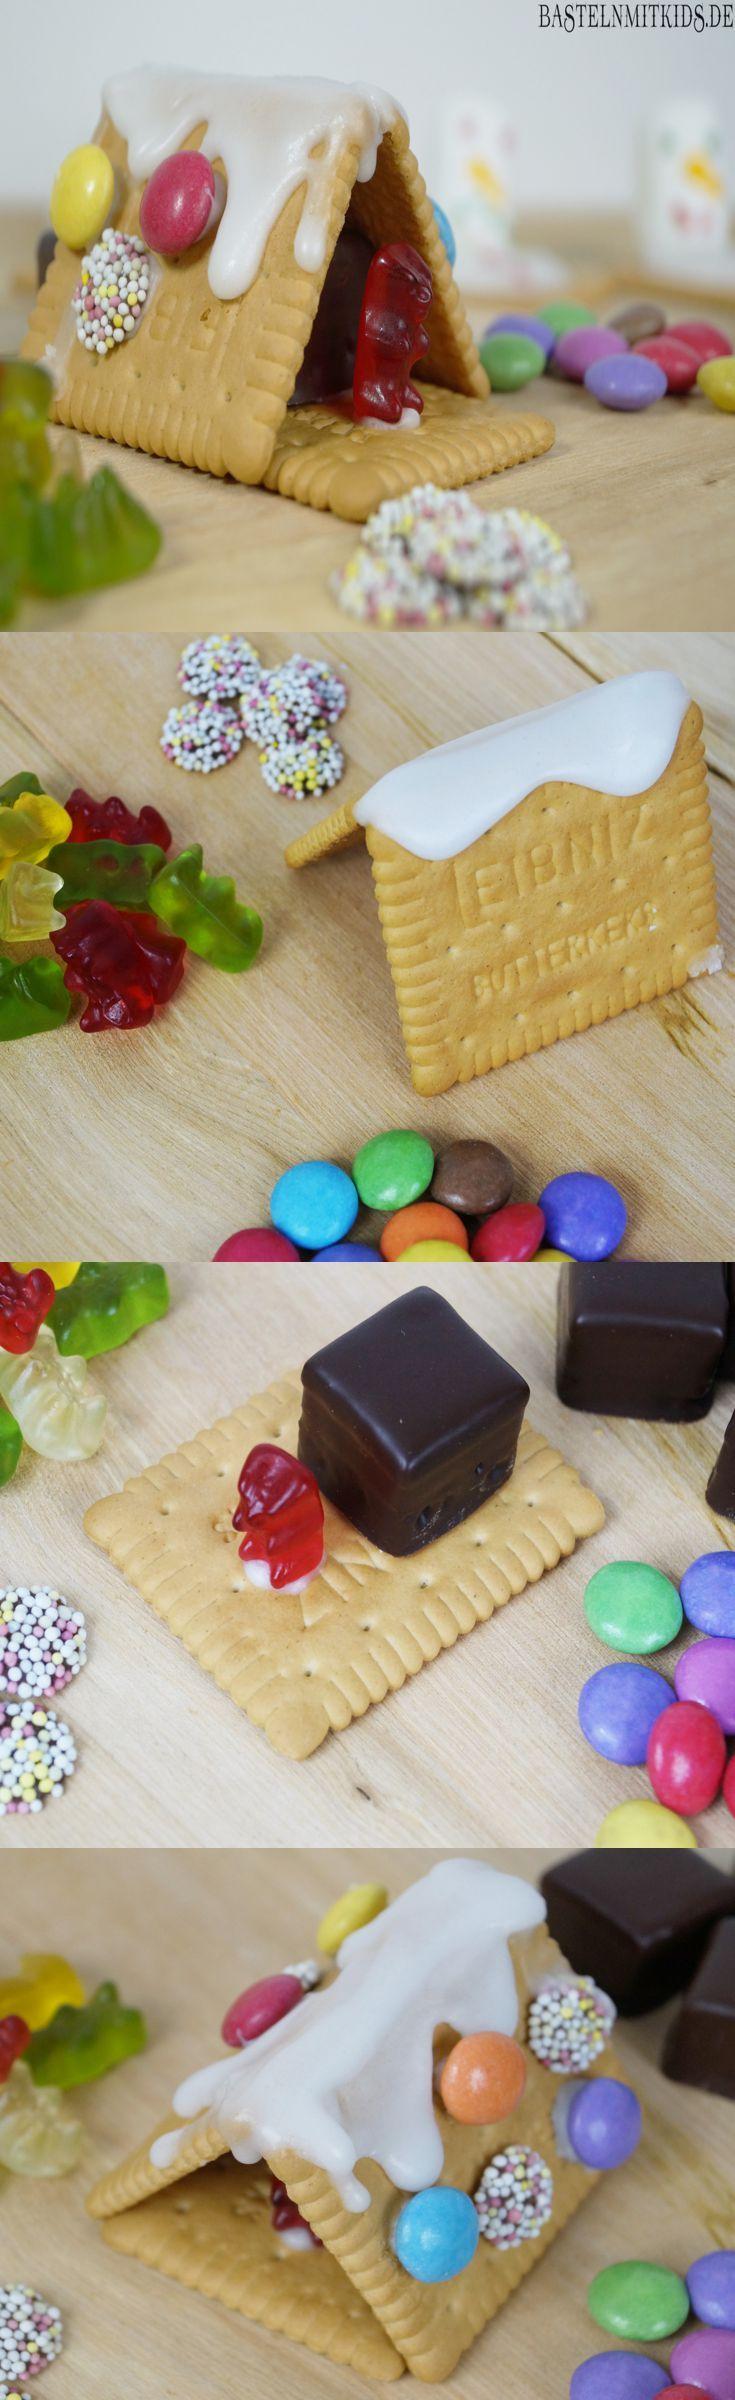 Weihnachtsgeschenke Mit Kindergartenkindern Basteln.Weihnachtsgeschenke Selber Basteln Grundschule